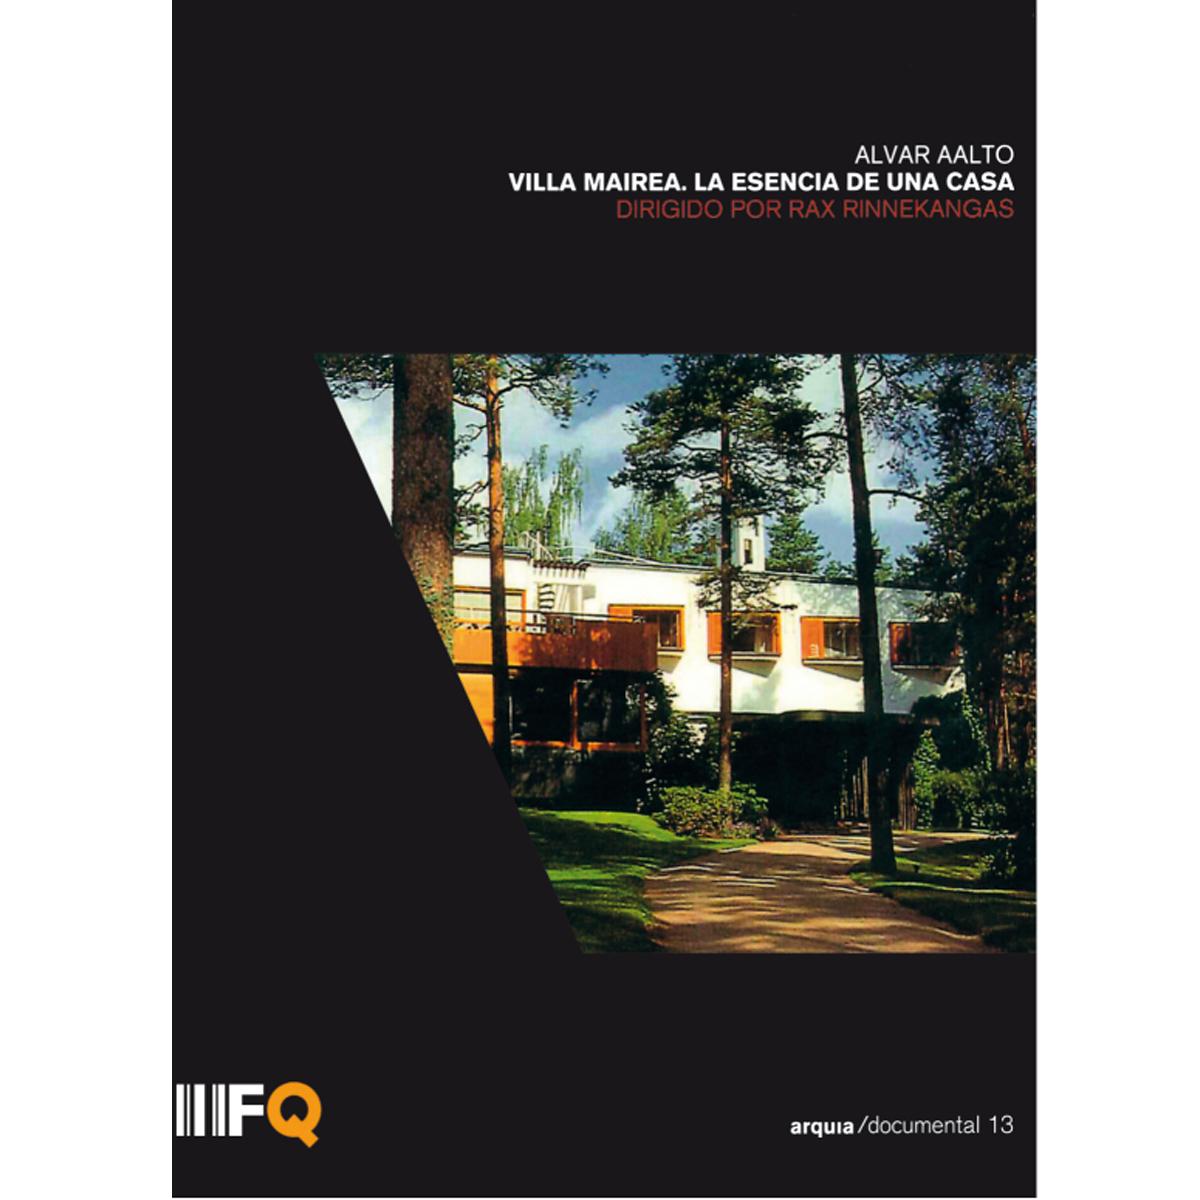 Alvar Aalto: Villa Mairea. La esencia de una casa